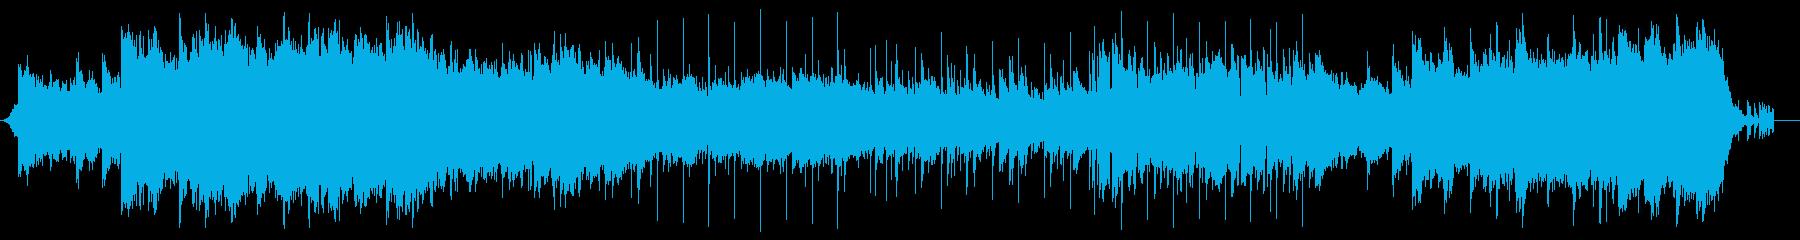 ソフトダーク系なサウンド夜明け前の暗さの再生済みの波形